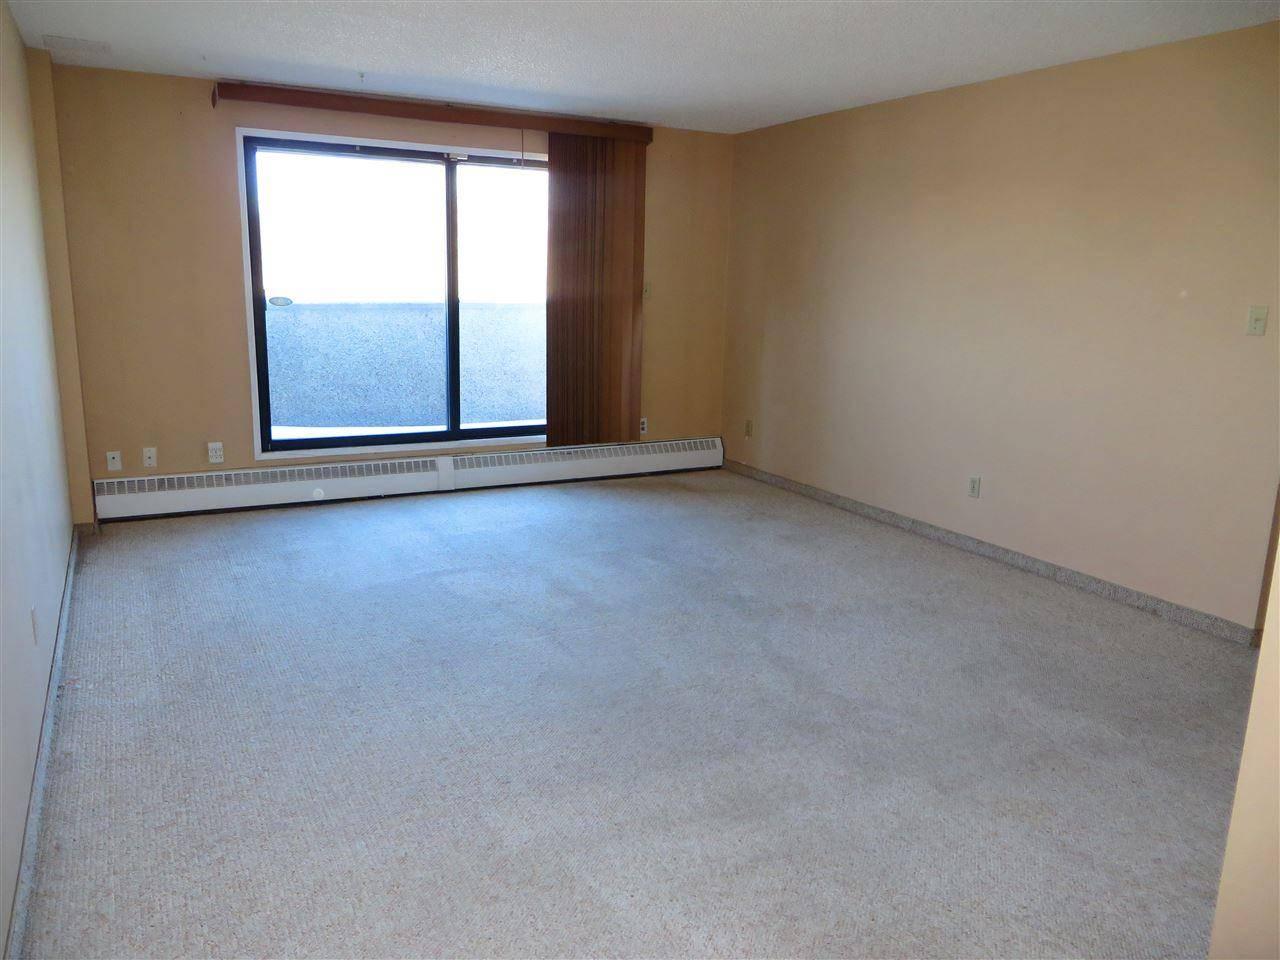 Condo for sale at 5316 118 Ave Nw Unit 410 Edmonton Alberta - MLS: E4159104